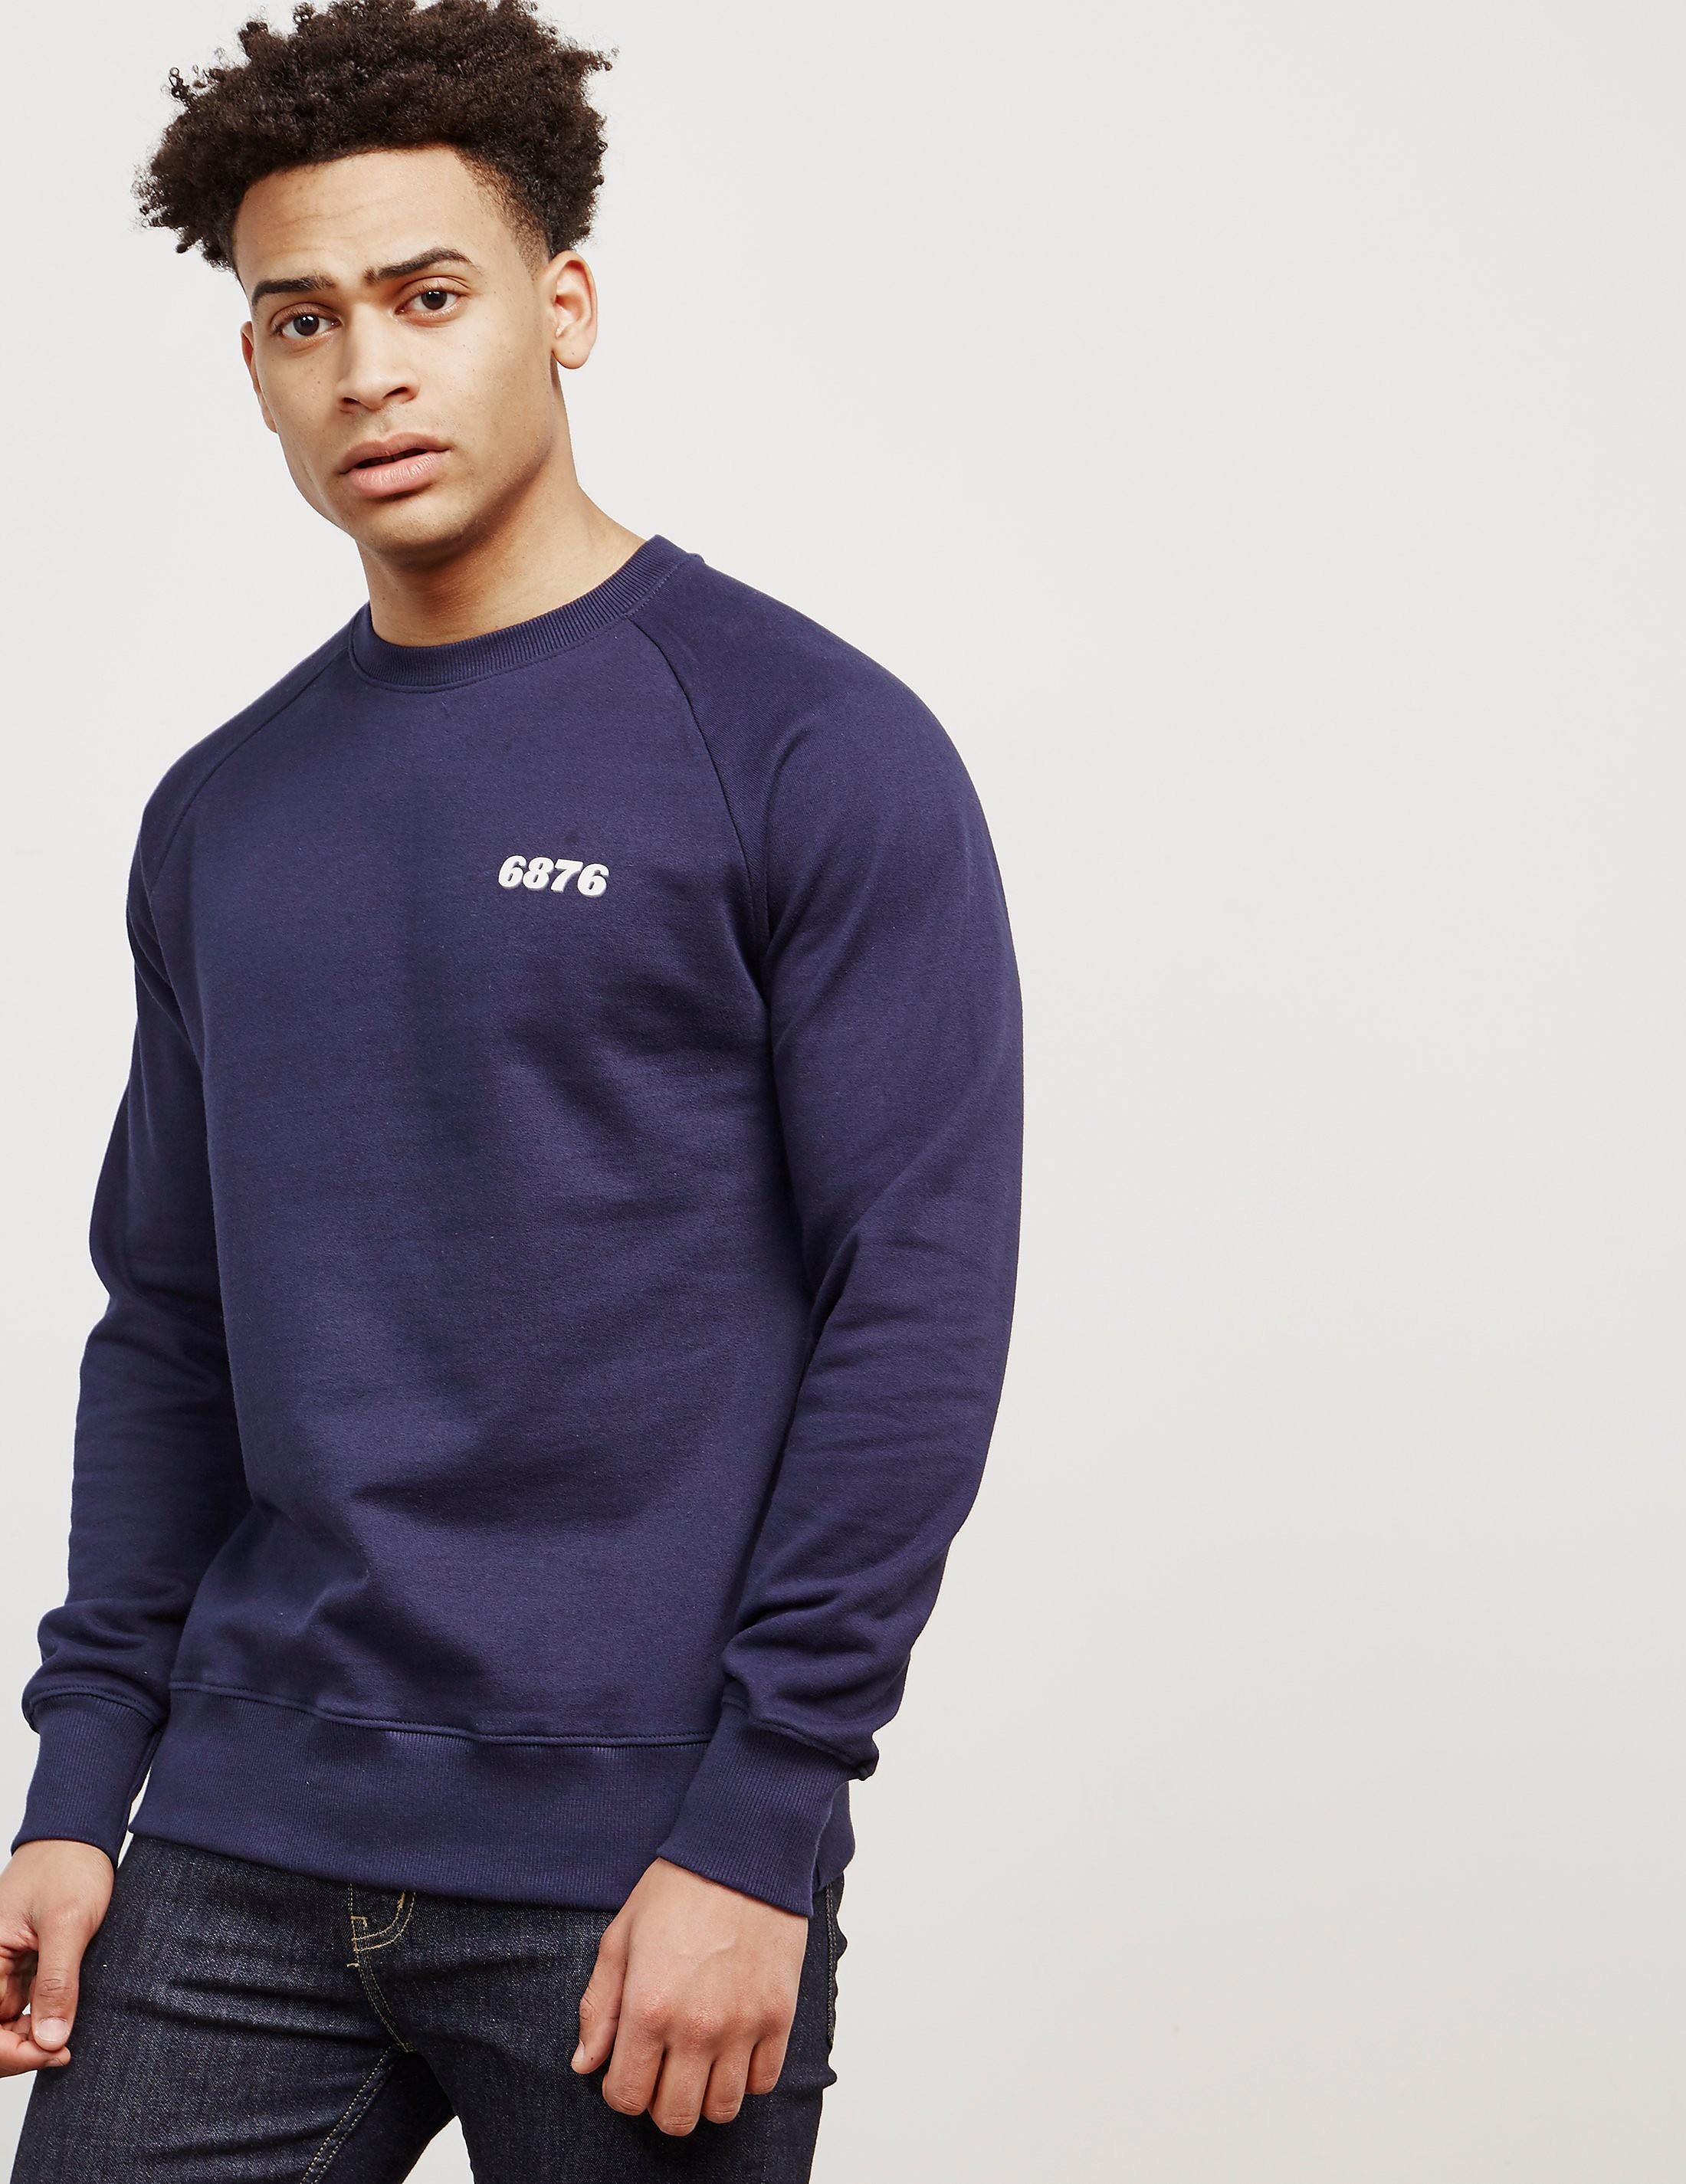 6876 Logo Sweatshirt - Online Exclusive